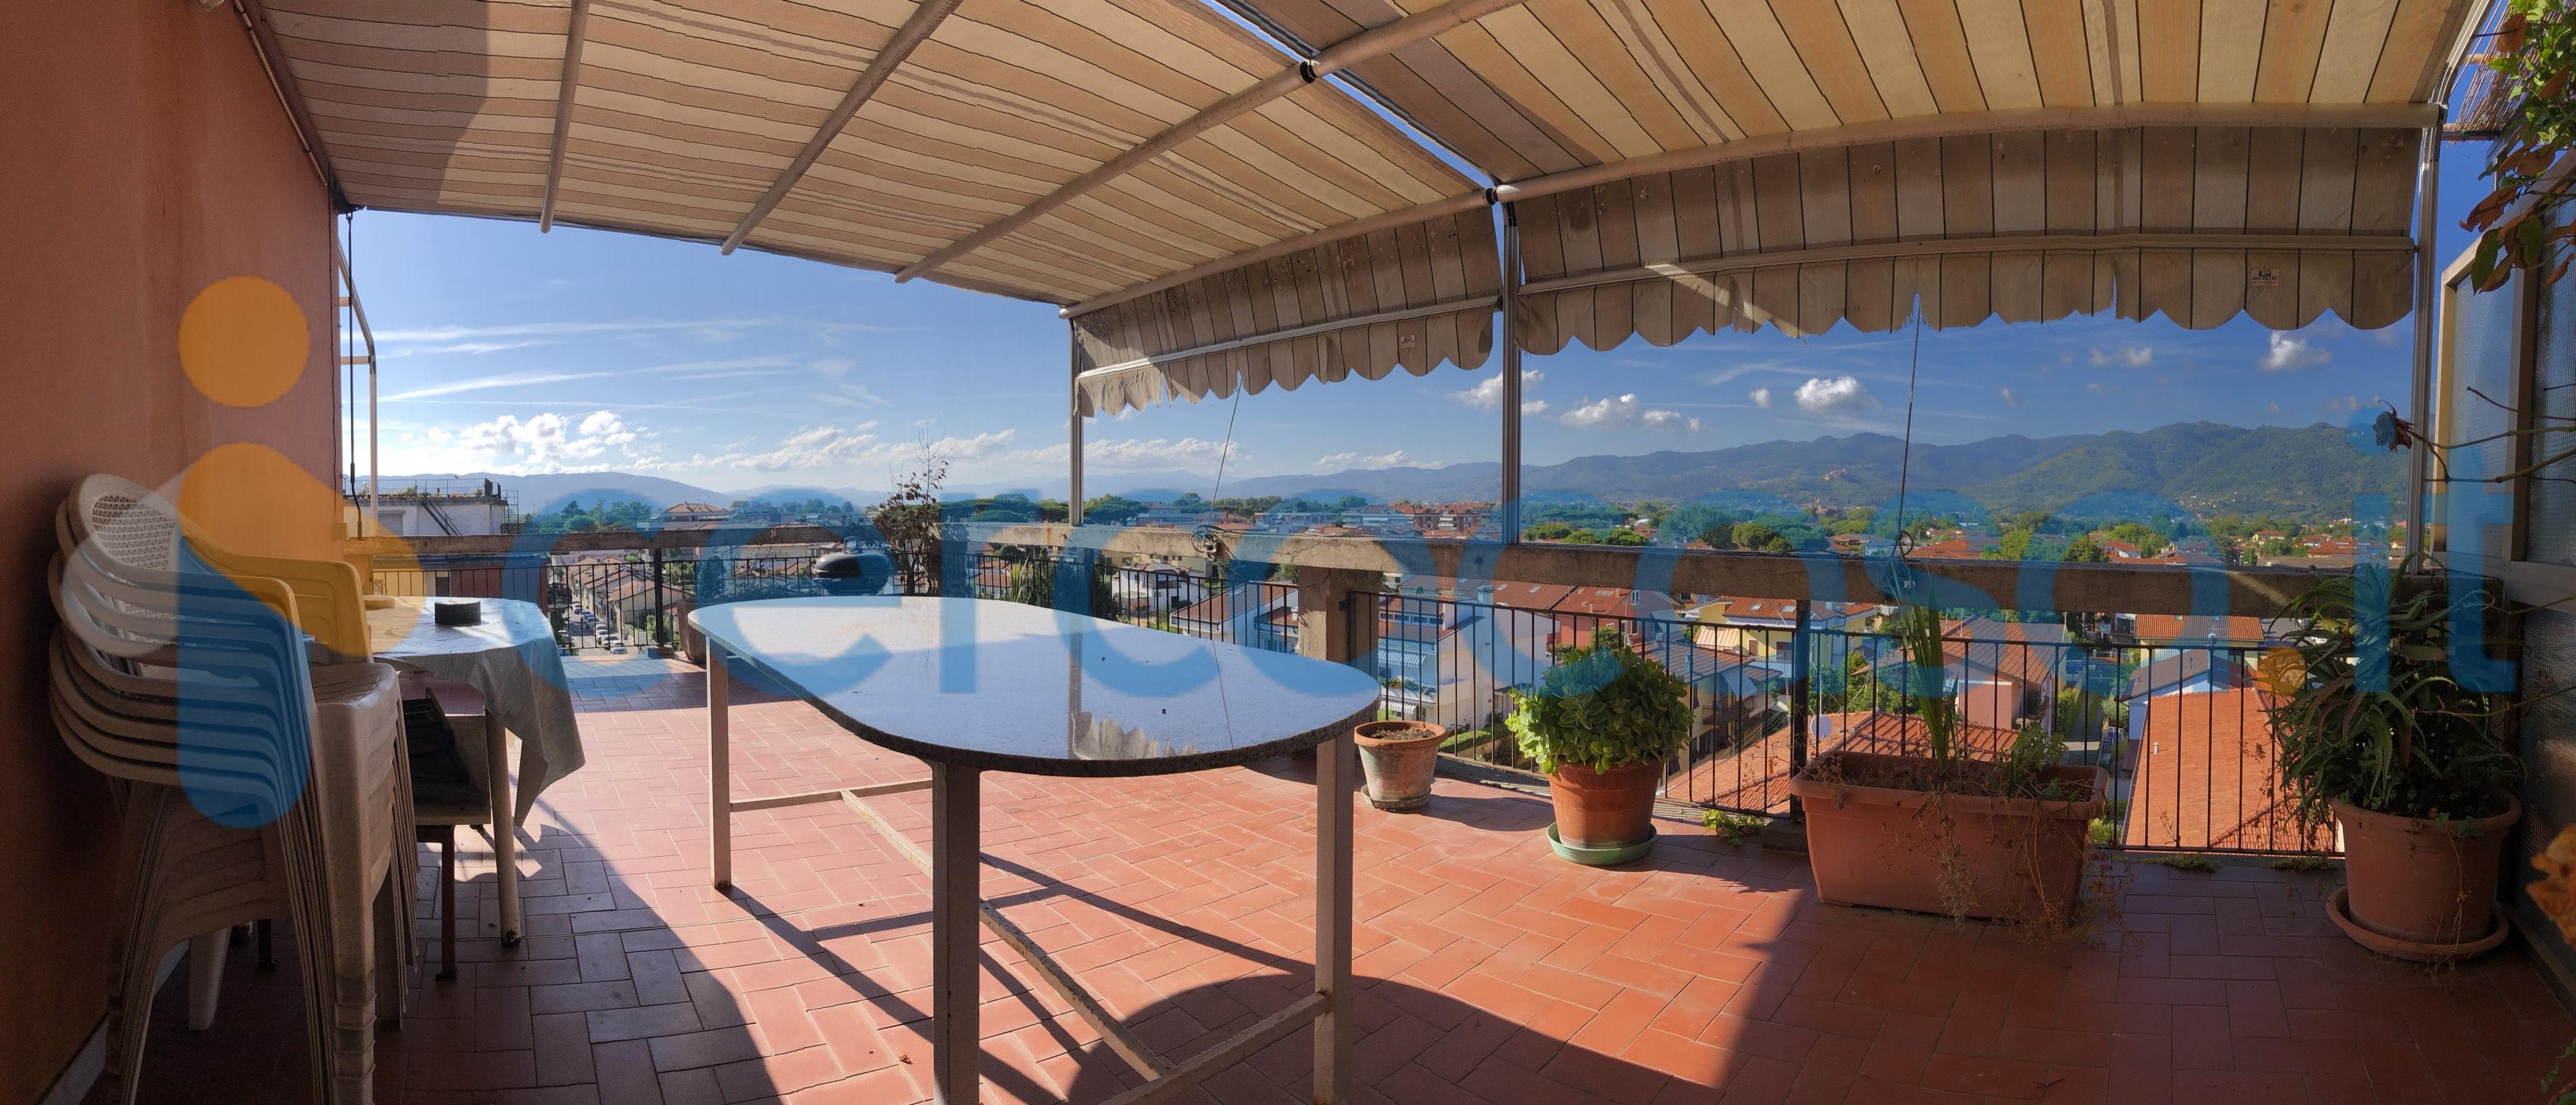 _marina-di-_carrara-__002d-_attico-93-mq-con-terrazza-panoramica